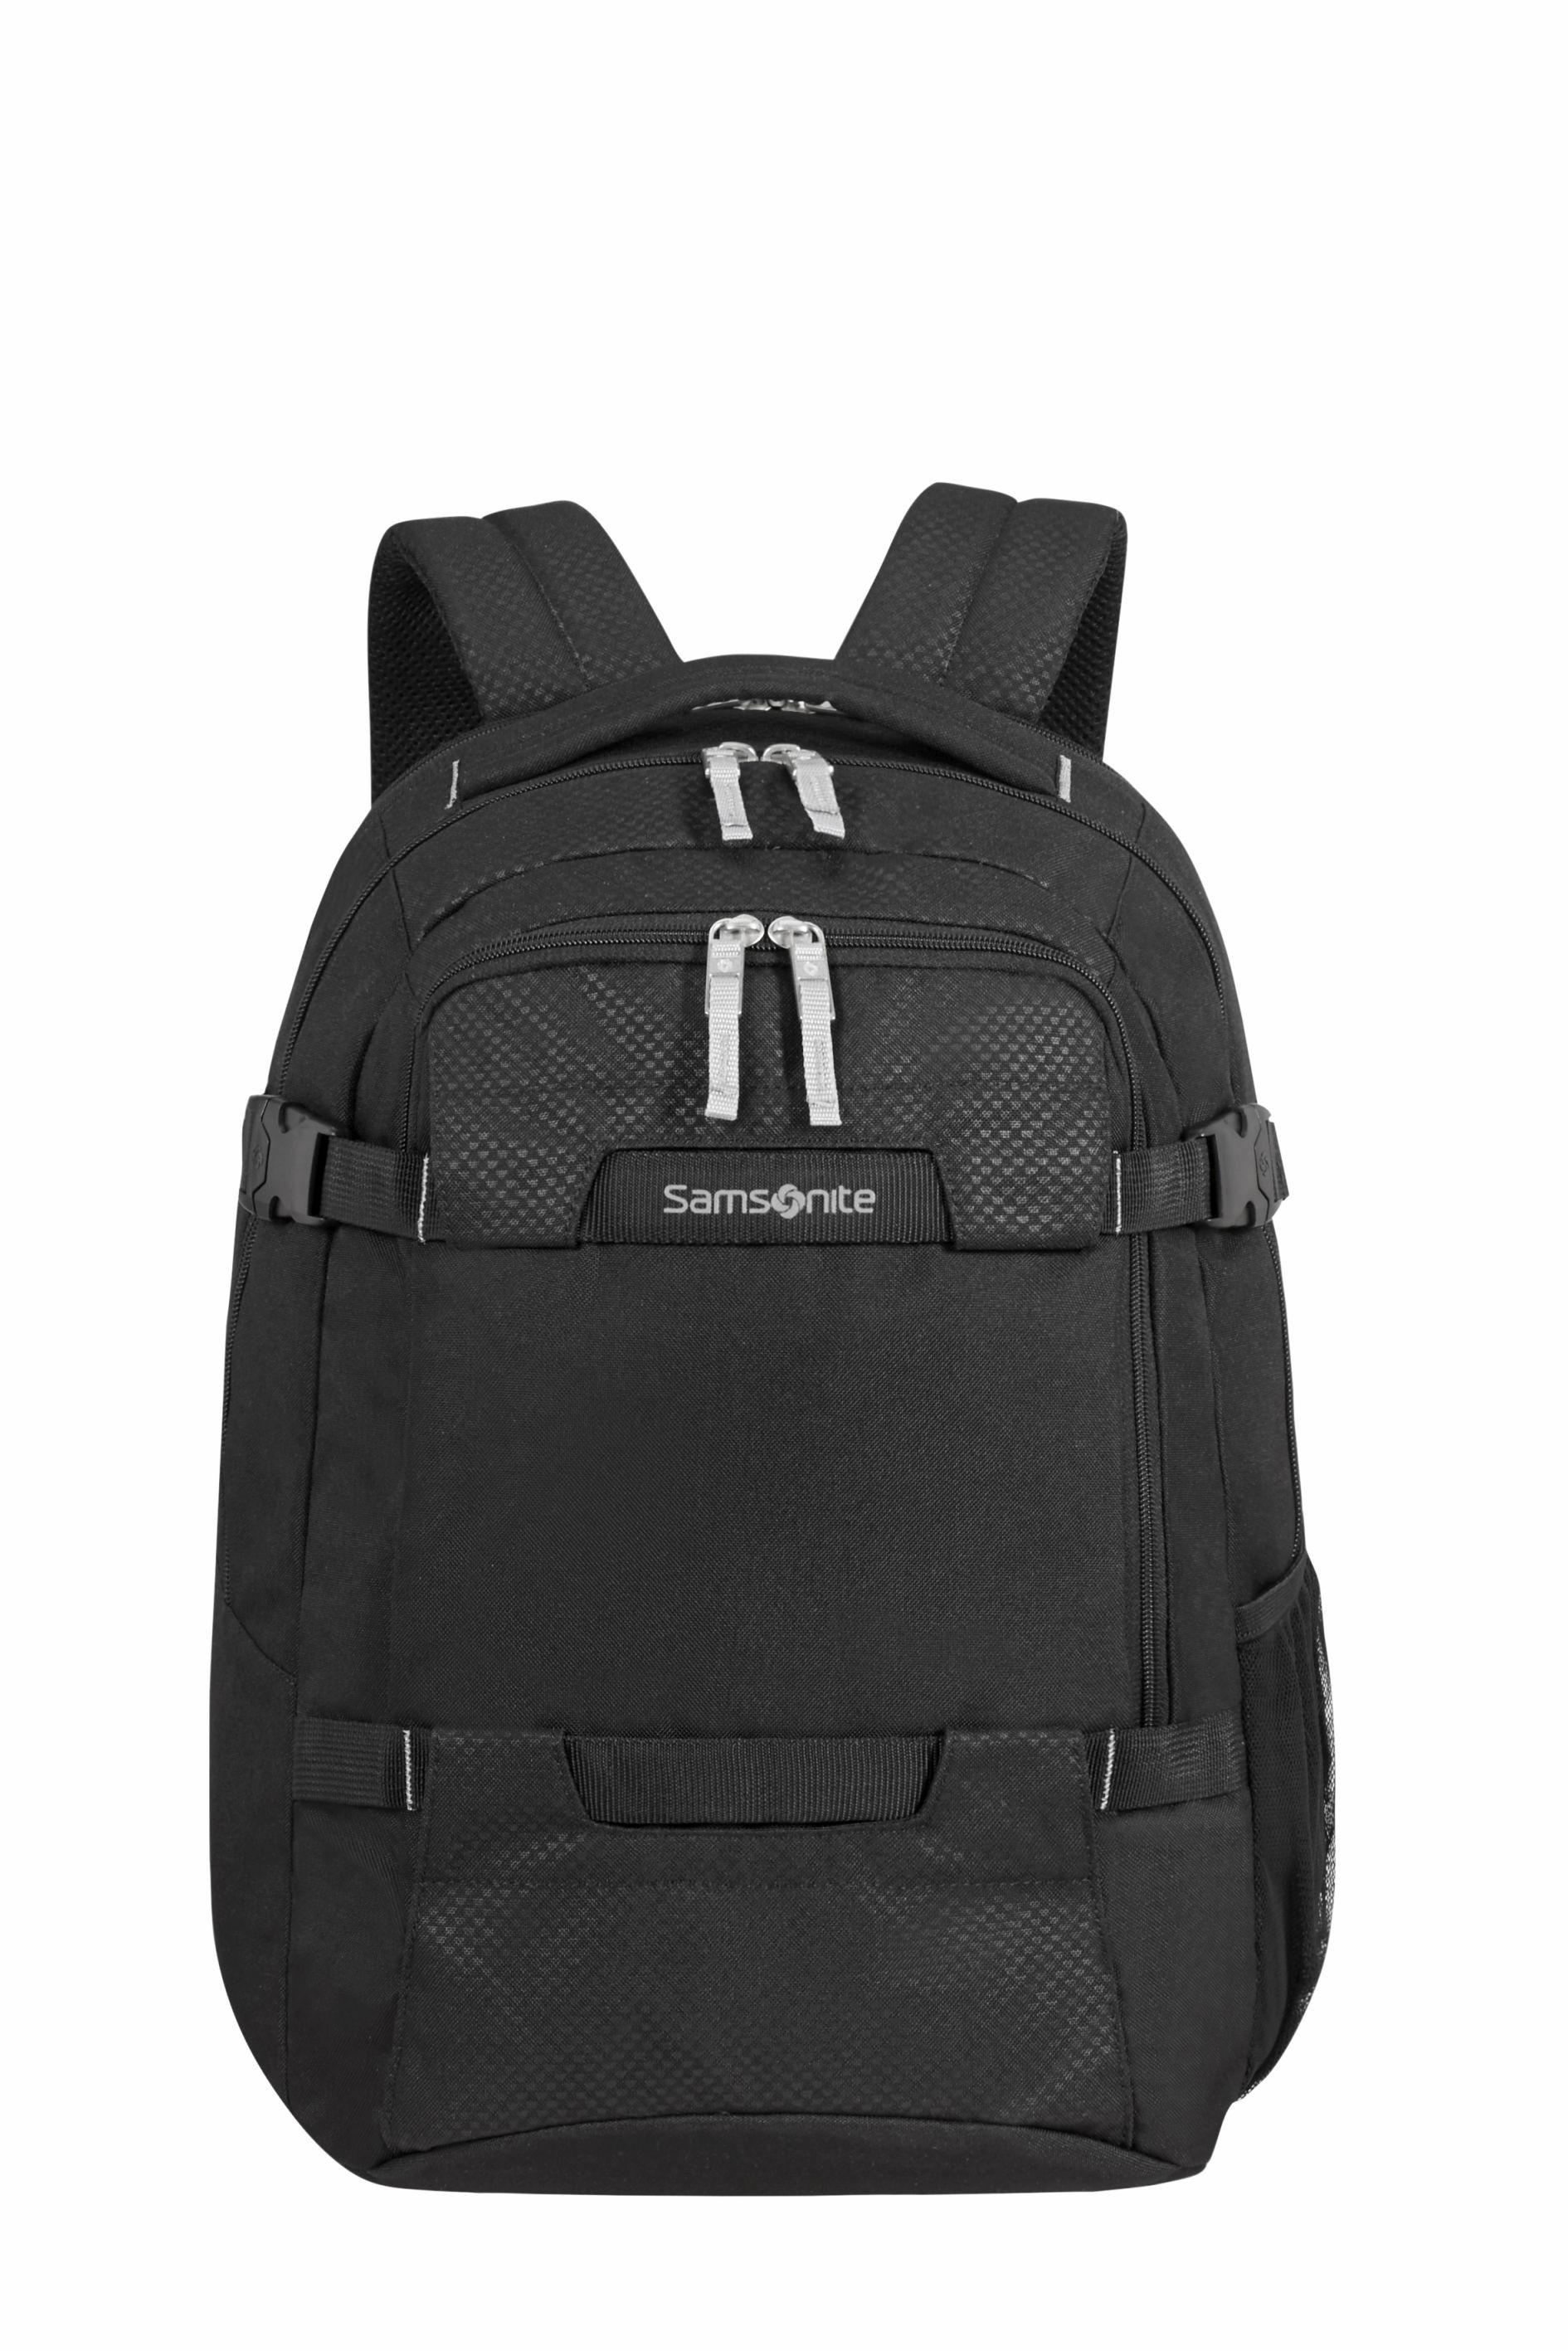 Samsonite Sonora Laptop Backpack L EXP